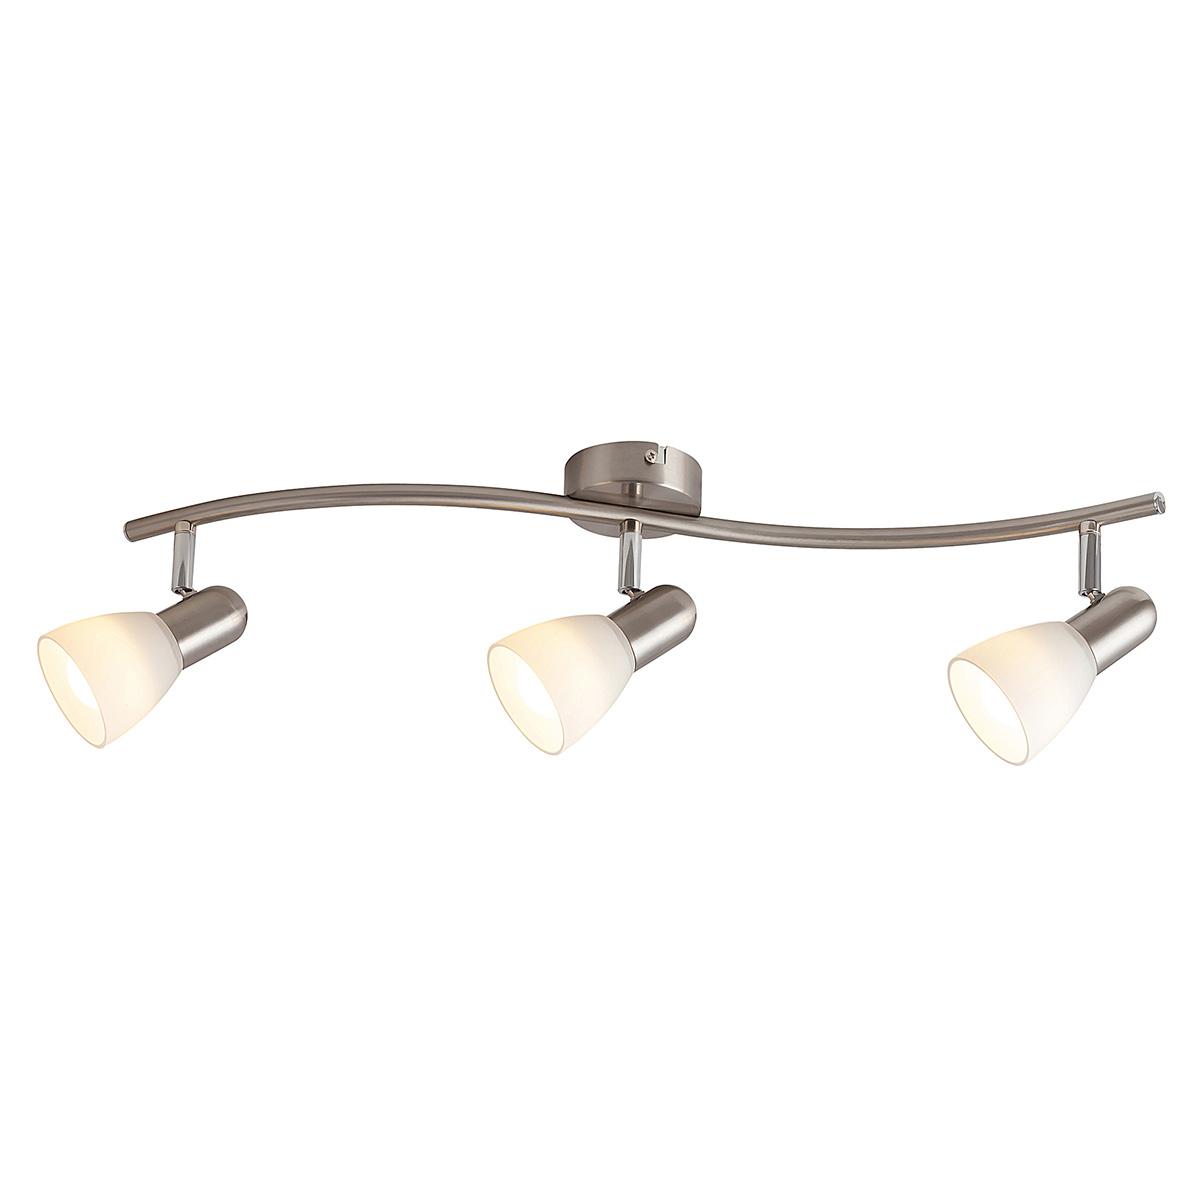 Spot lampa Soma/3 6303